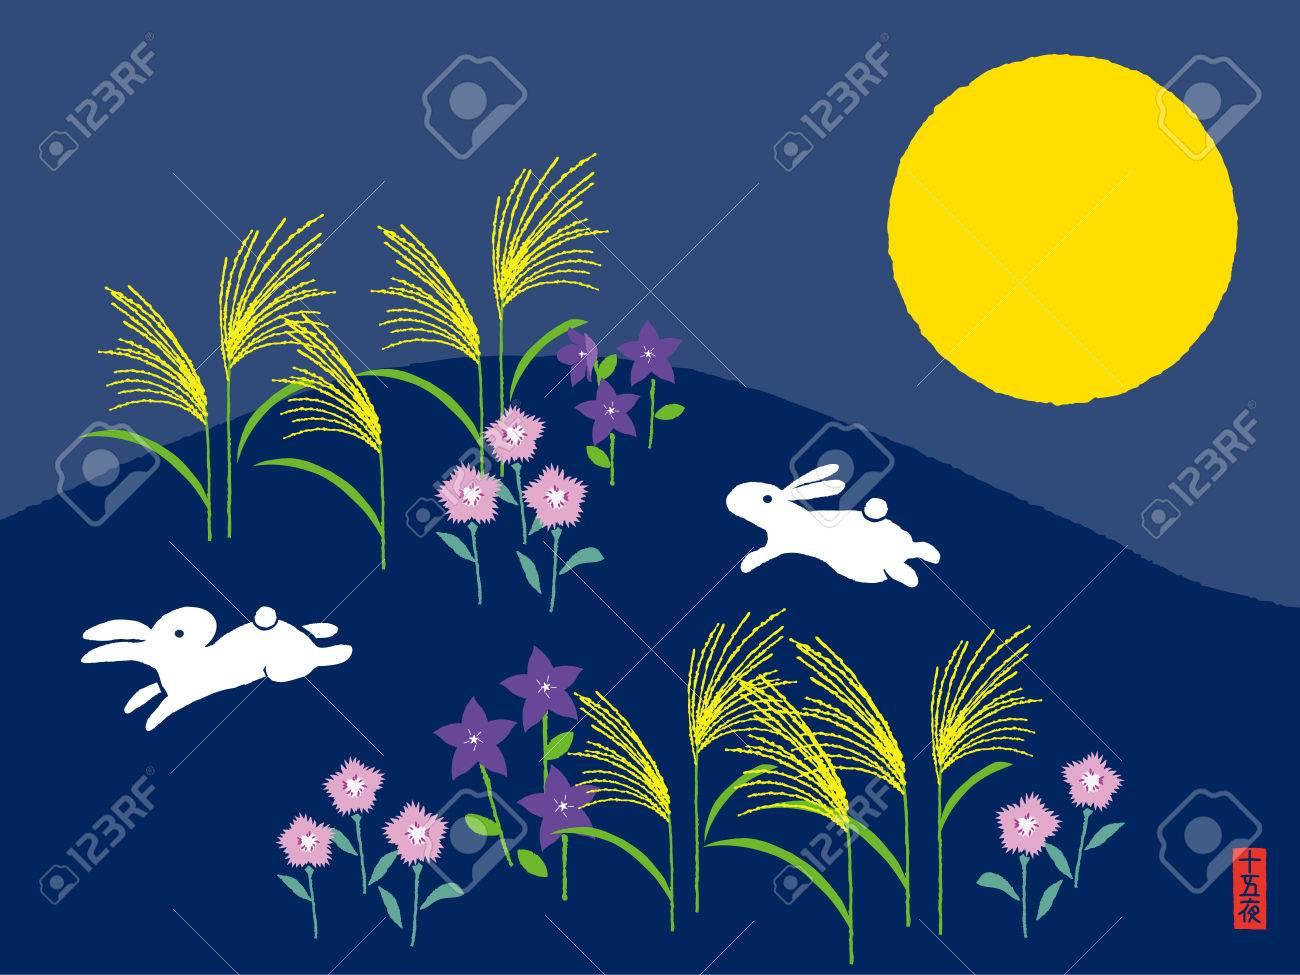 月見のウサギ。星空の夜背景に満月とウサギの中秋祭イラスト。漫画の